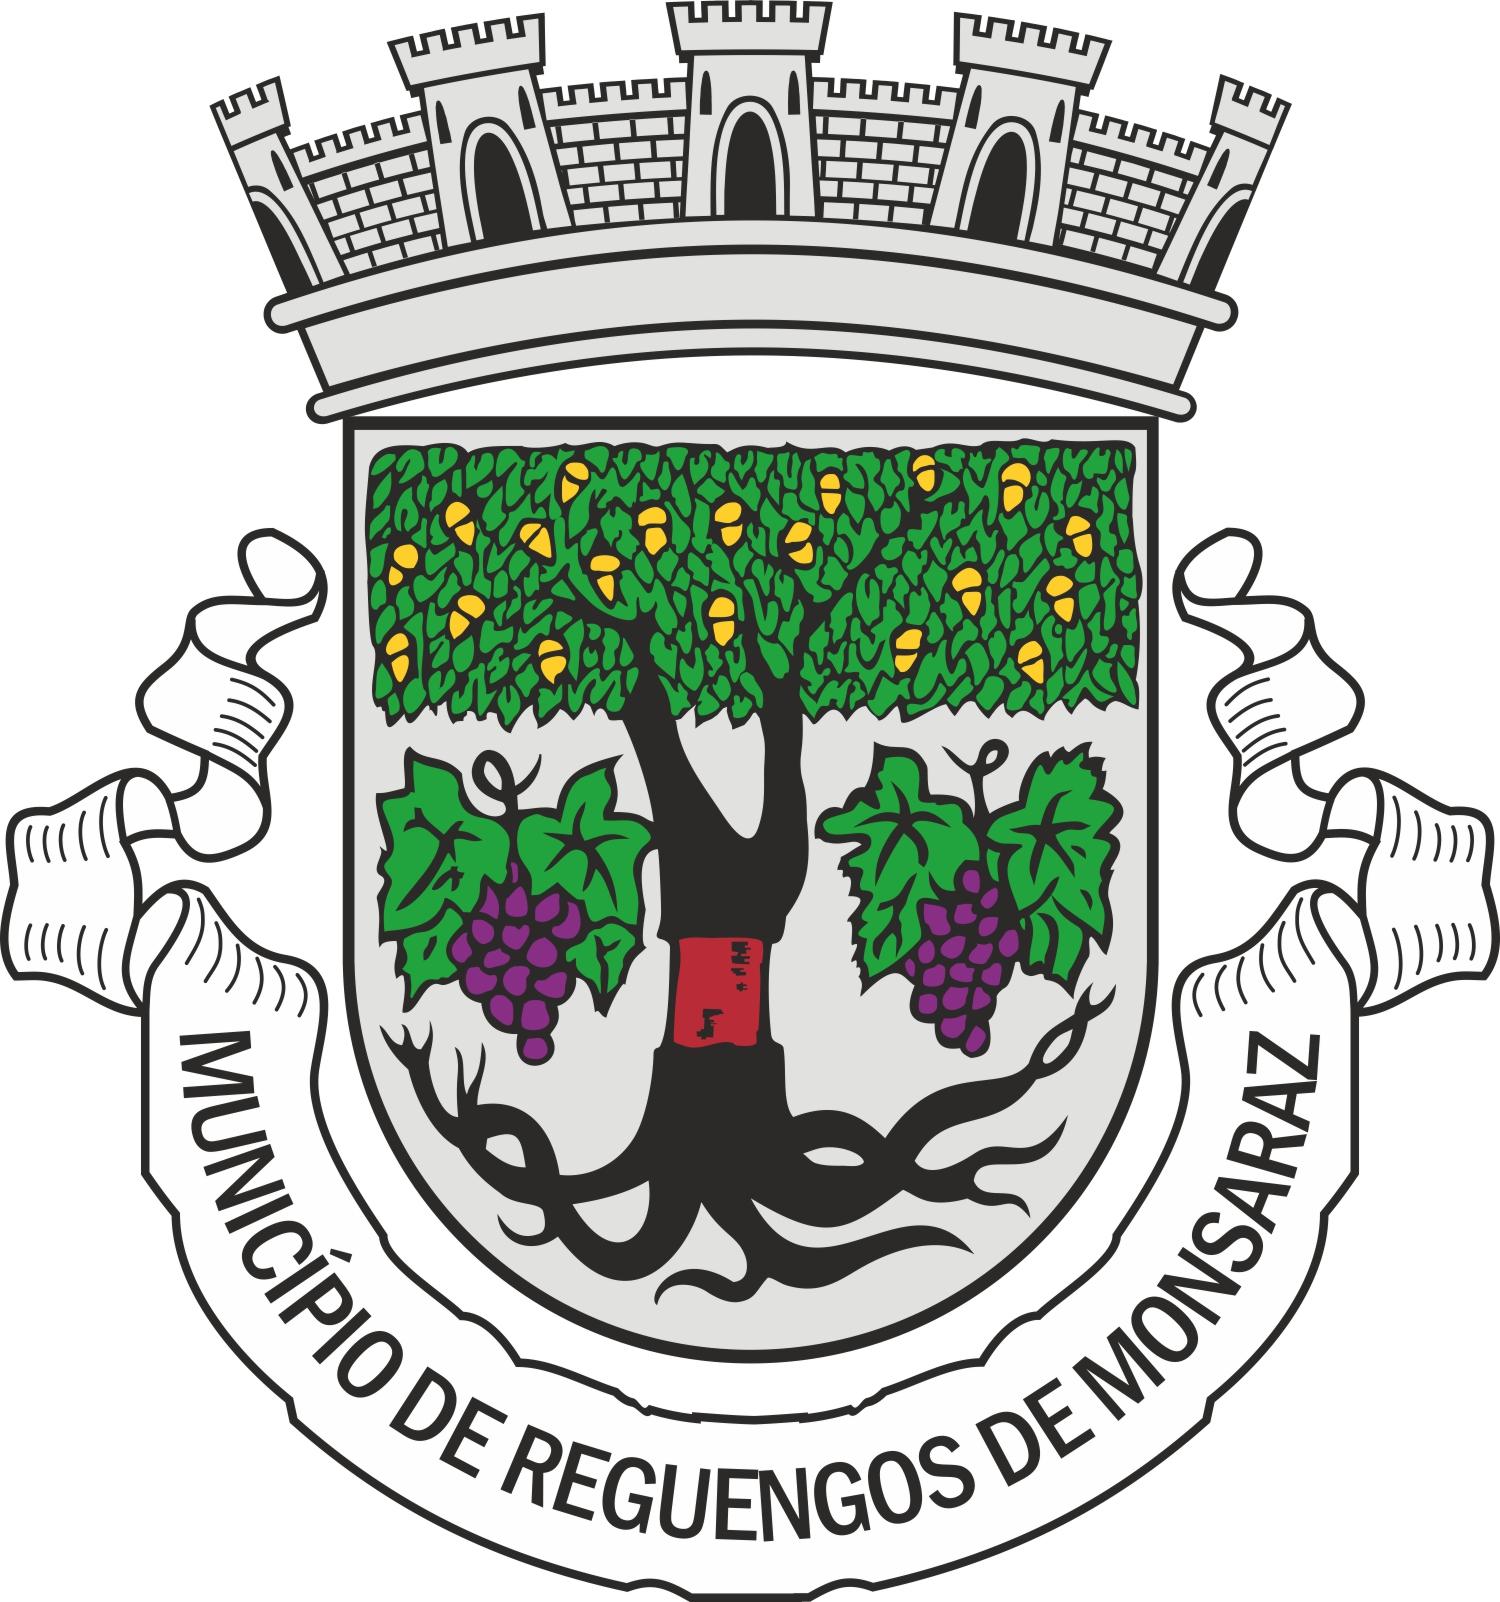 brasão do Município de Reguengos de Monsaraz